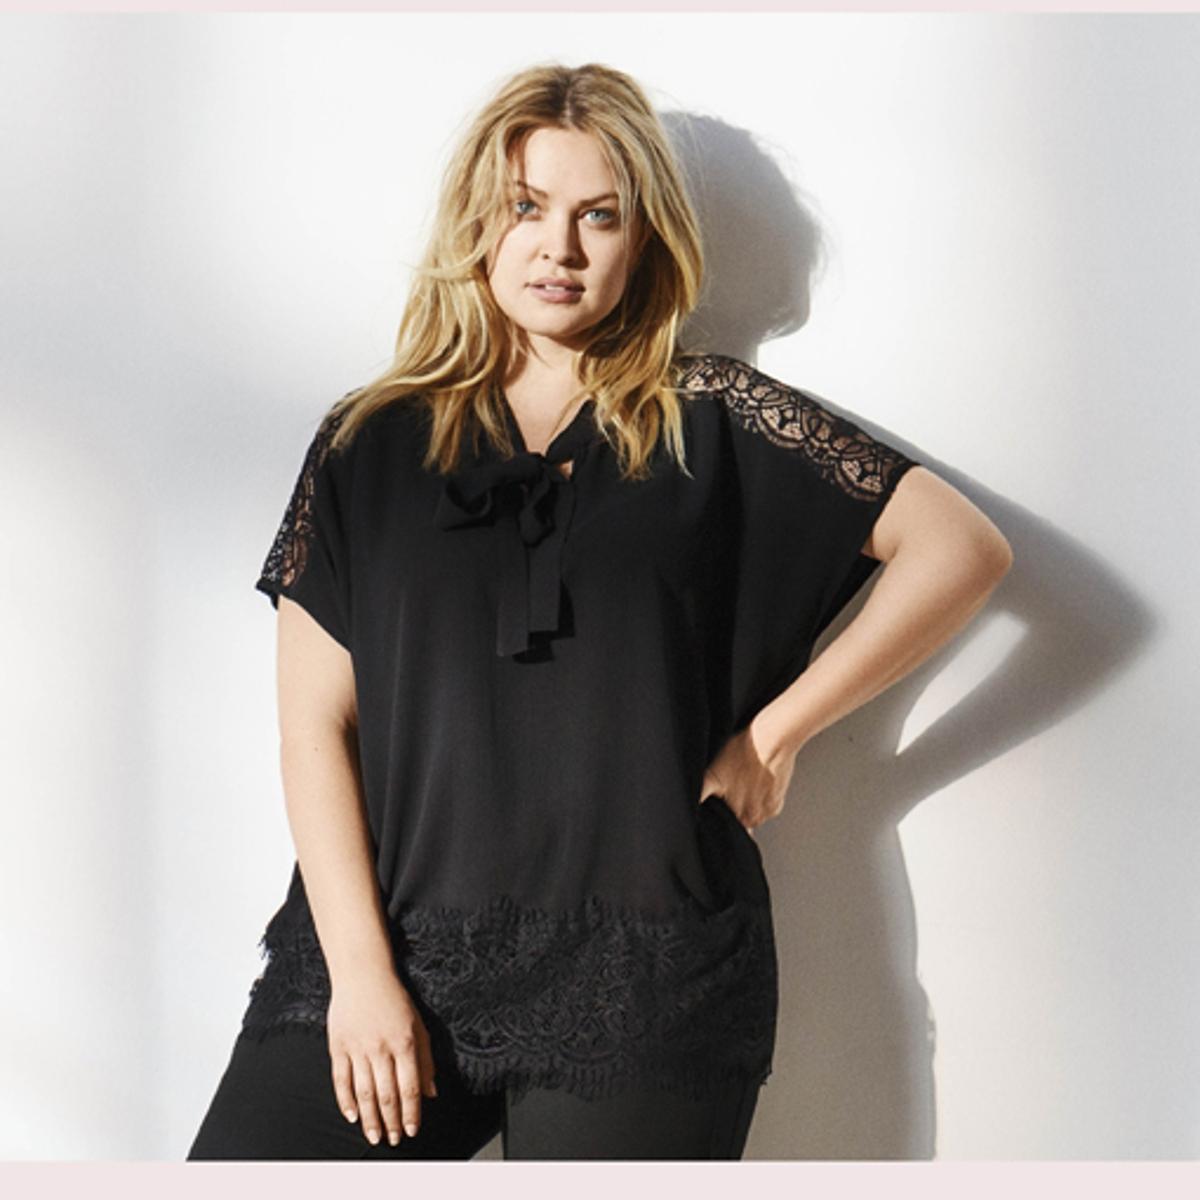 БлузкаБлузка ZIZZI. Симпатичная блузка с короткими рукавами, с завязками и  V-образным вырезом . Красивое кружево снизу и на рукавах . 100% полиэстера. Состав и описаниеМатериал : 100% полиэстераМарка : ZIZZI<br><br>Цвет: черный<br>Размер: 42/44 (FR) - 48/50 (RUS)